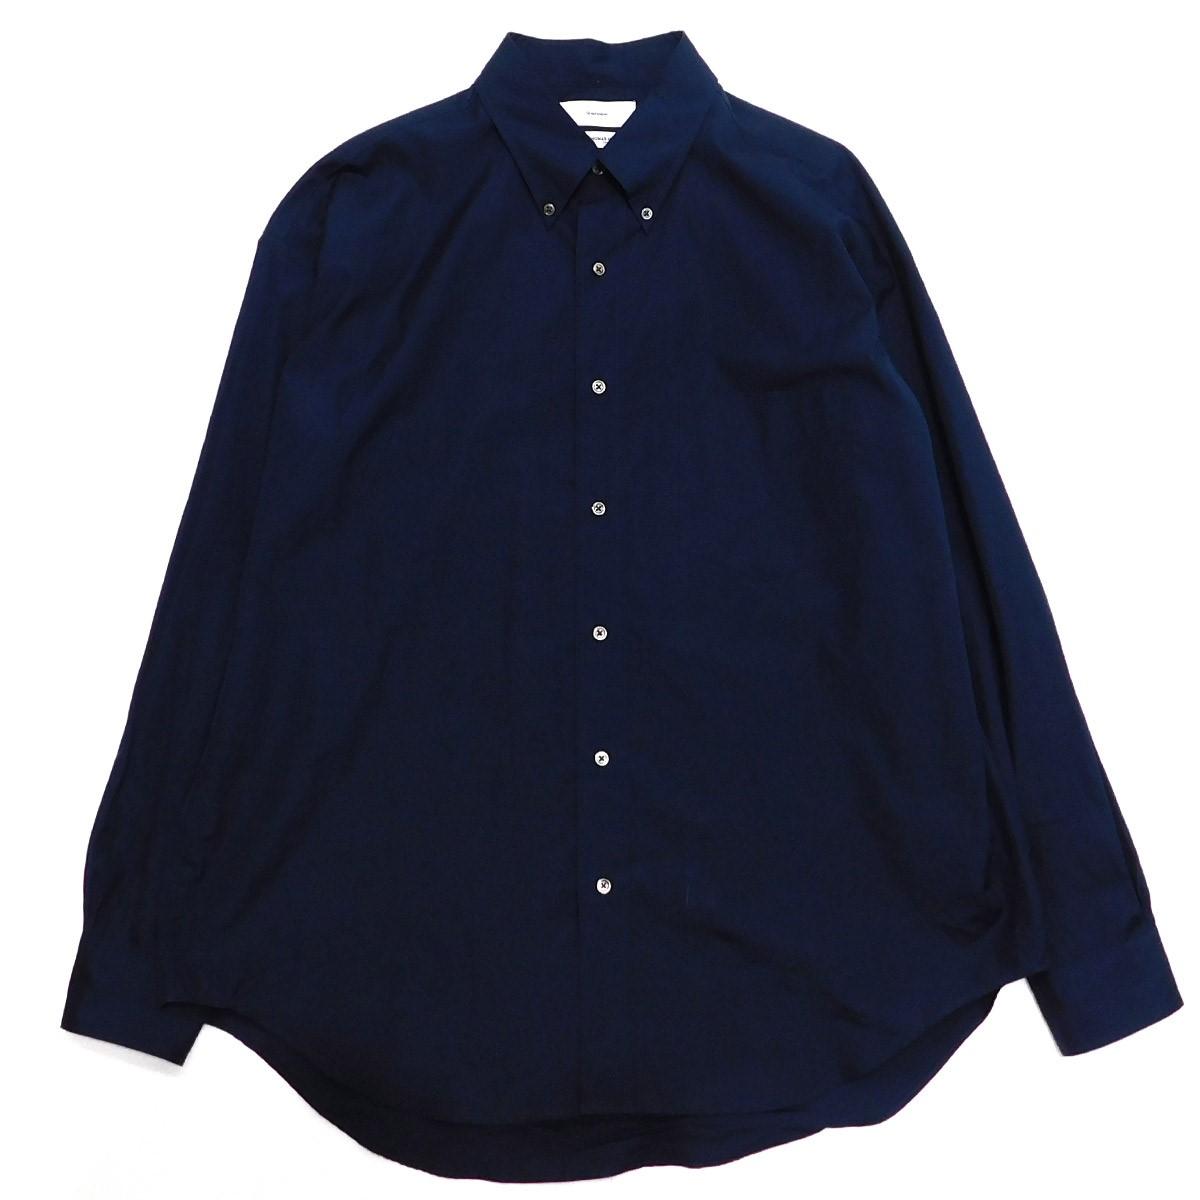 【中古】Graphpaper 19AW THOMAS MASON L/S B.D Box Shirt ネイビー サイズ:2 【250220】(グラフペーパー)